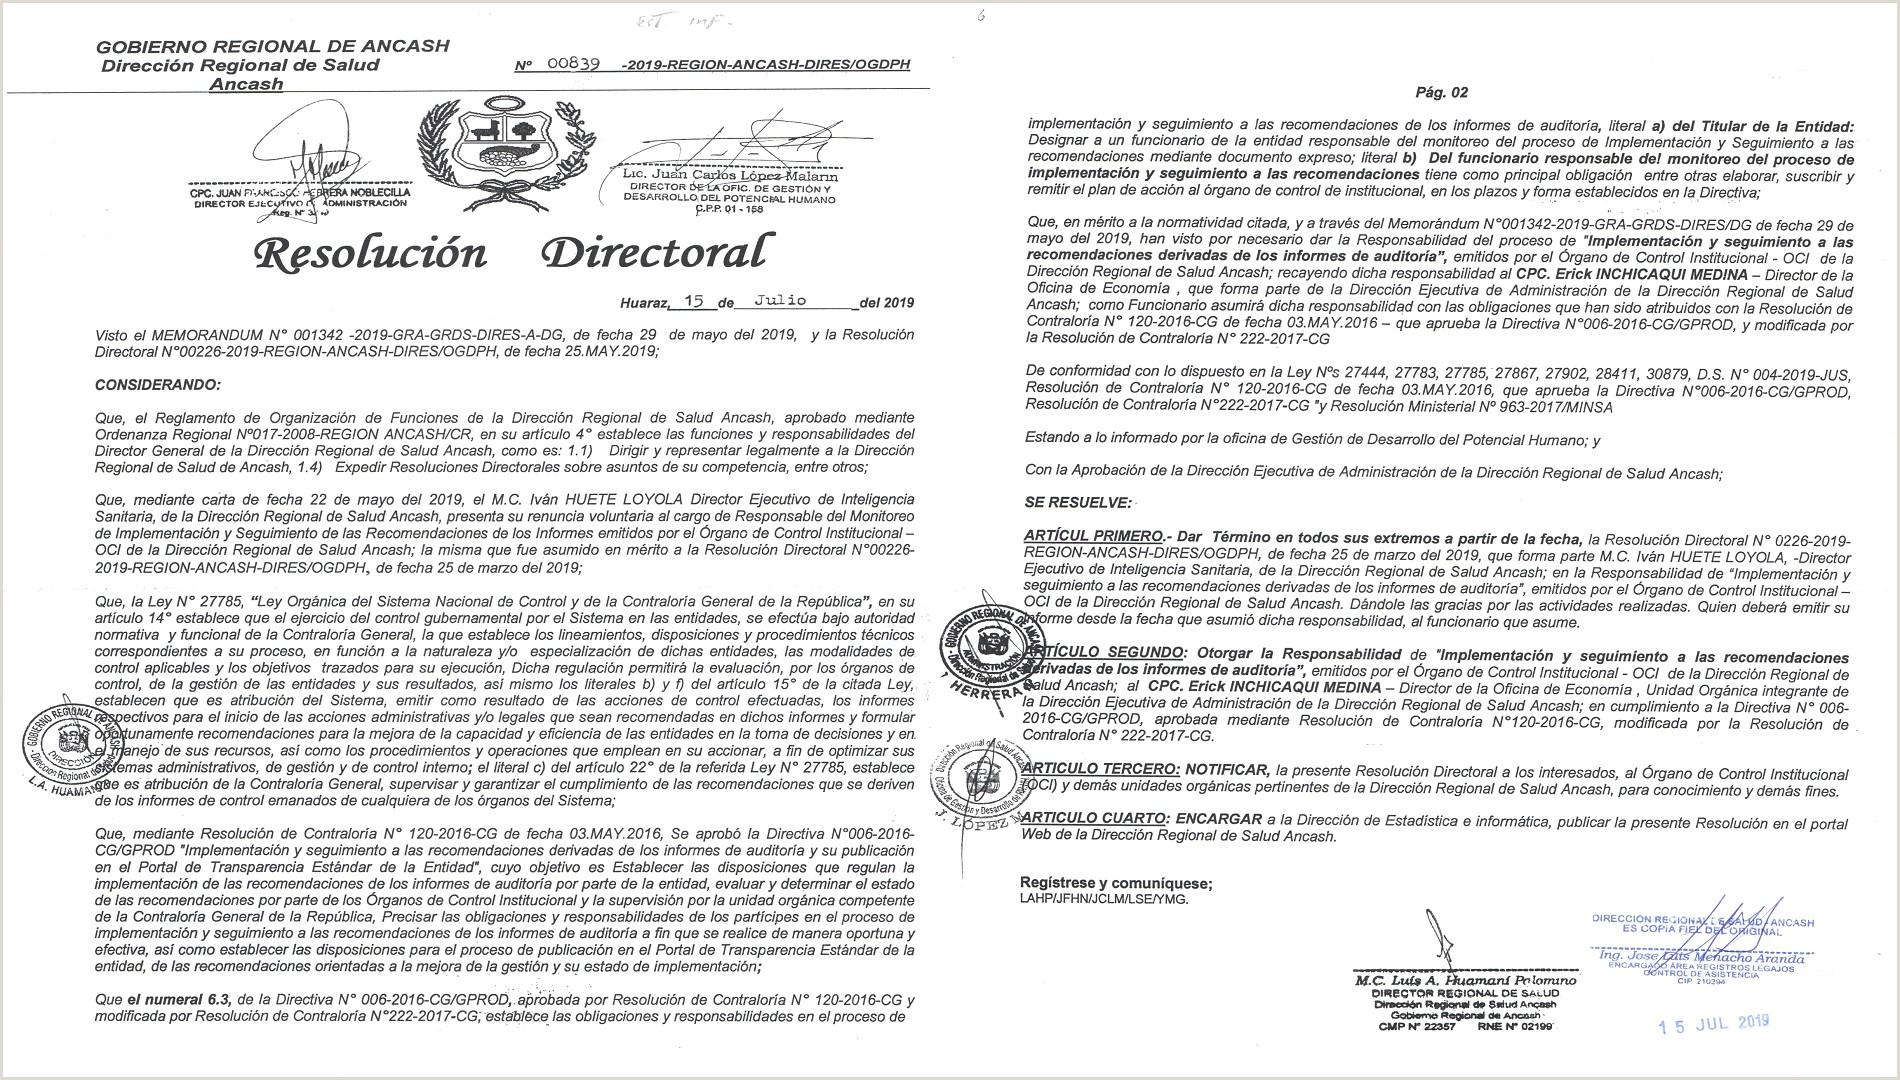 Formato De Hoja De Vida Gestion Publica Direcci³n Regional De Salud Ancash